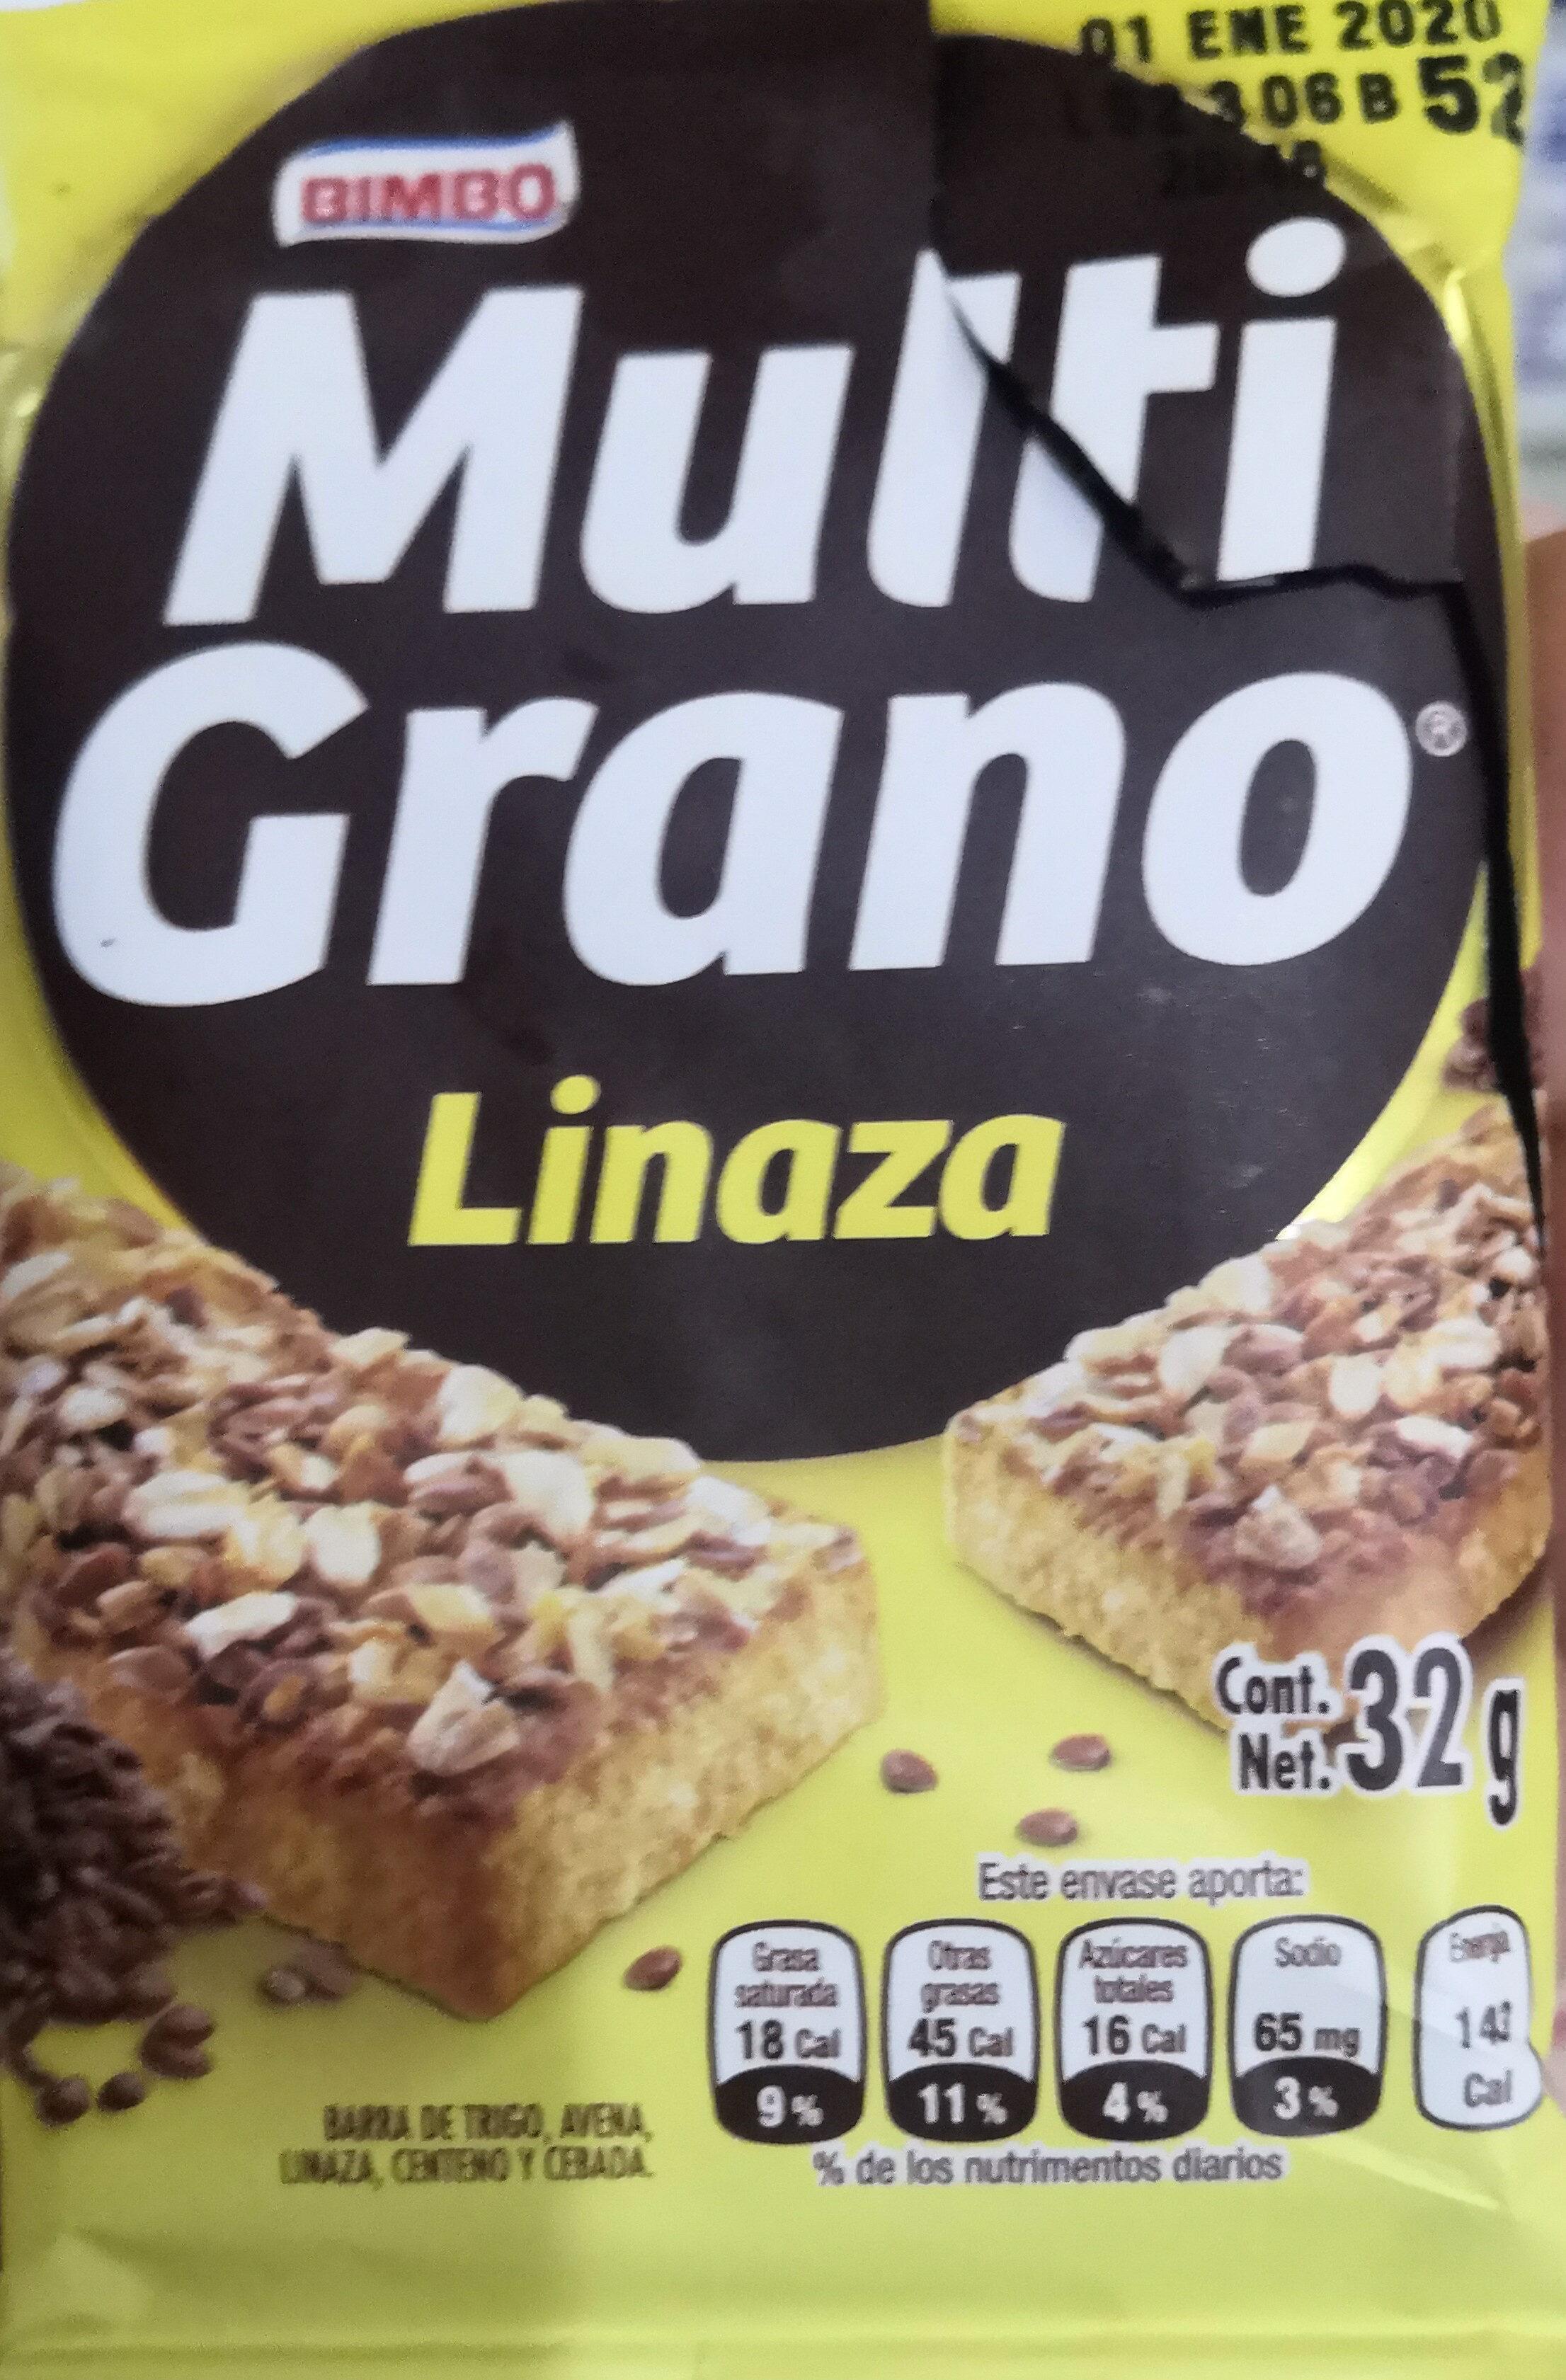 multi Grano Linaza - Product